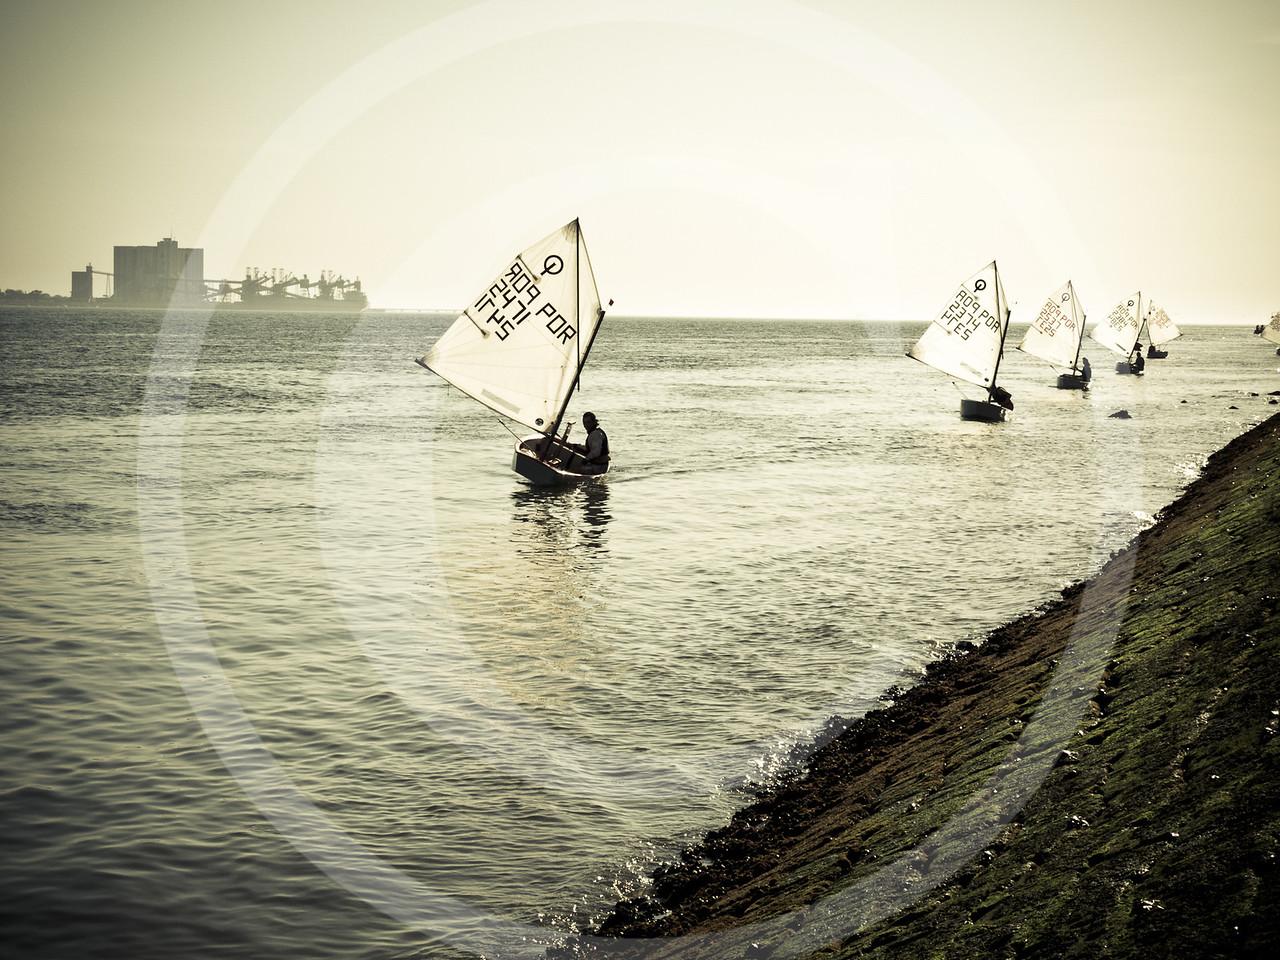 Lisboa0420111415-366